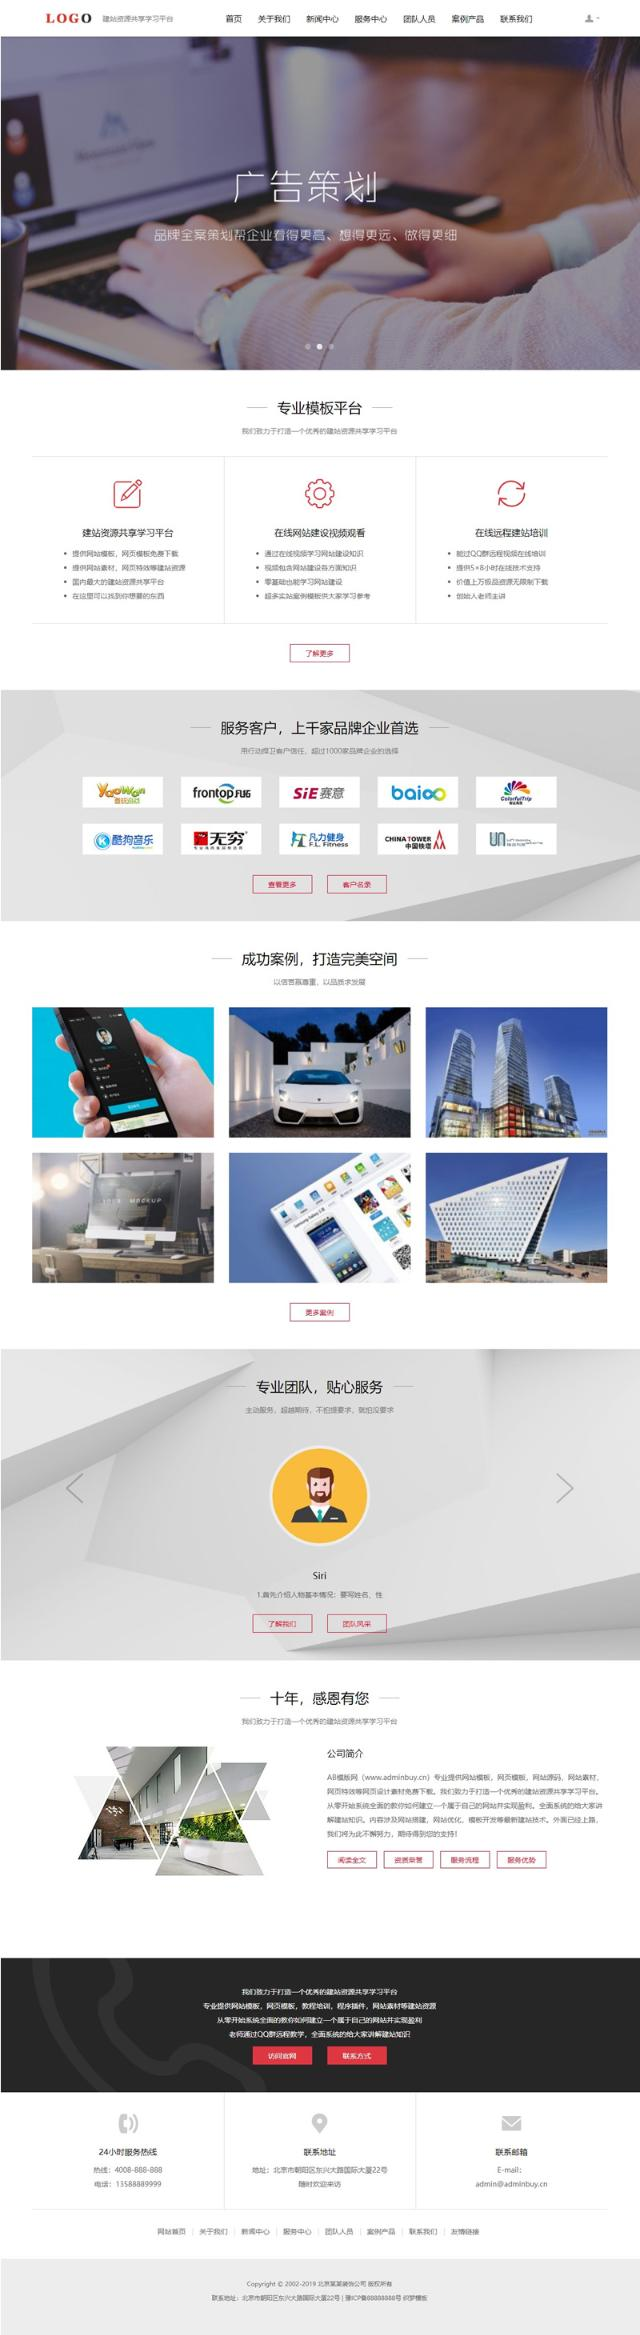 黑白广告设计网站源码 织梦dedecms模板 [自适应手机版]-1